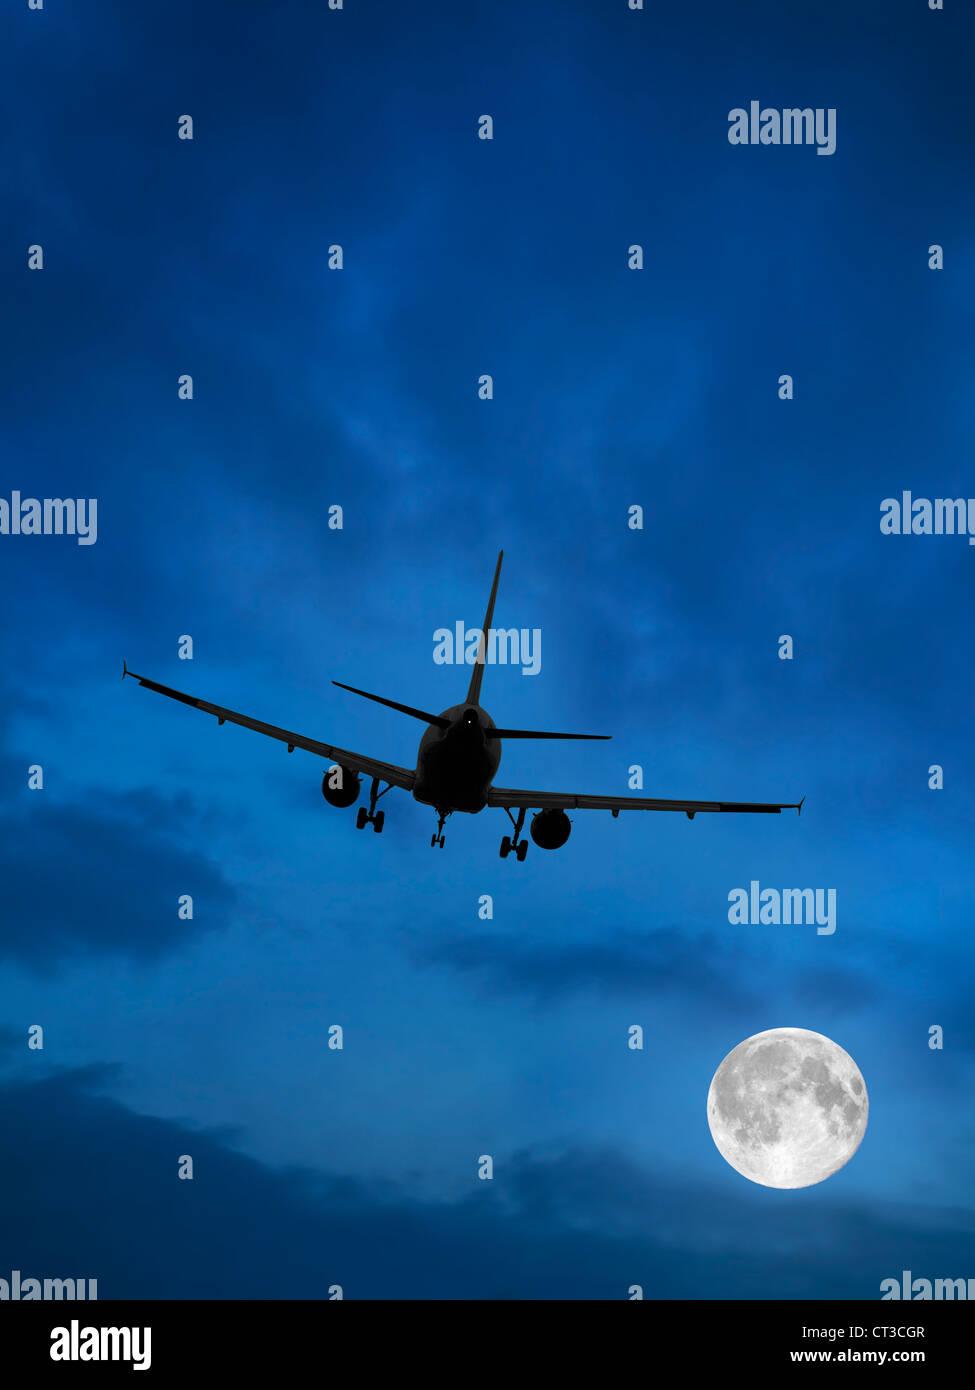 Aeroplano e luna nel cielo blu Immagini Stock